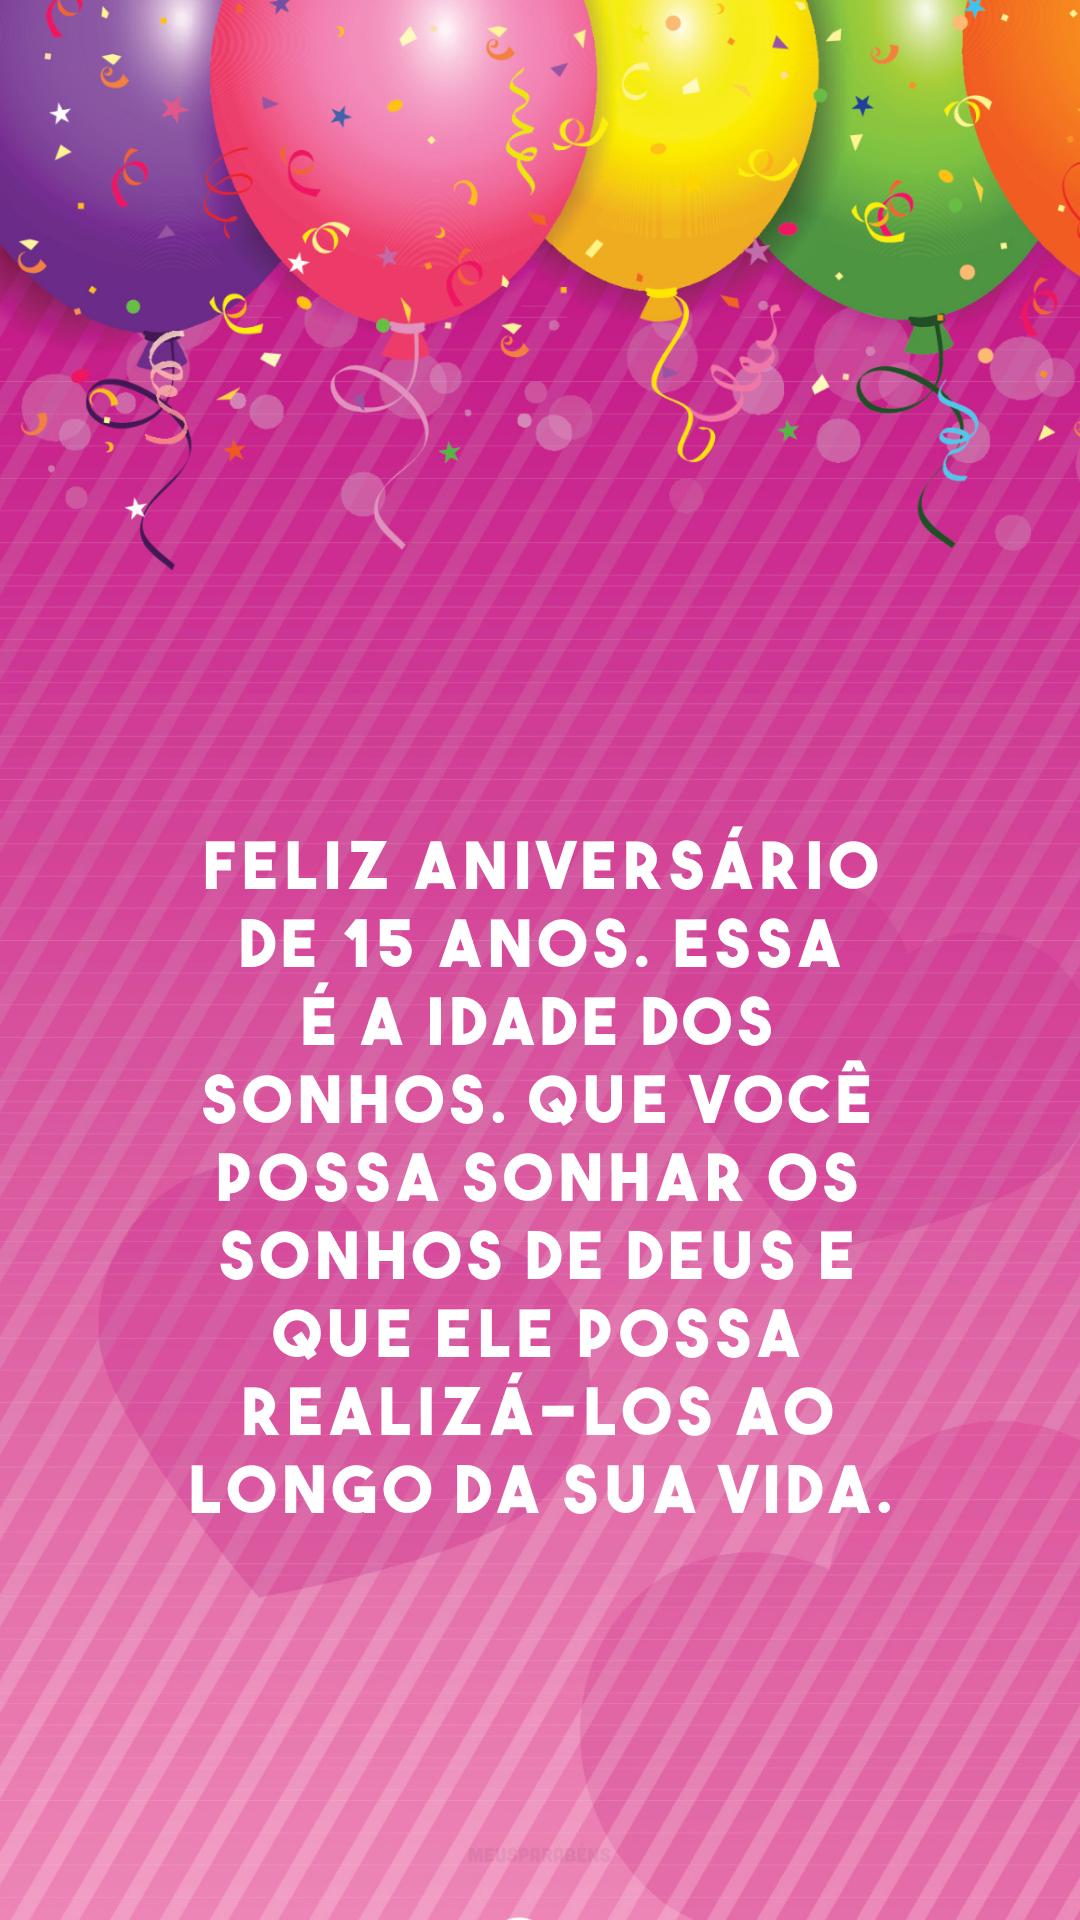 Feliz aniversário de 15 anos. Essa é a idade dos sonhos. Que você possa sonhar os sonhos de Deus e que Ele possa realizá-los ao longo da sua vida.